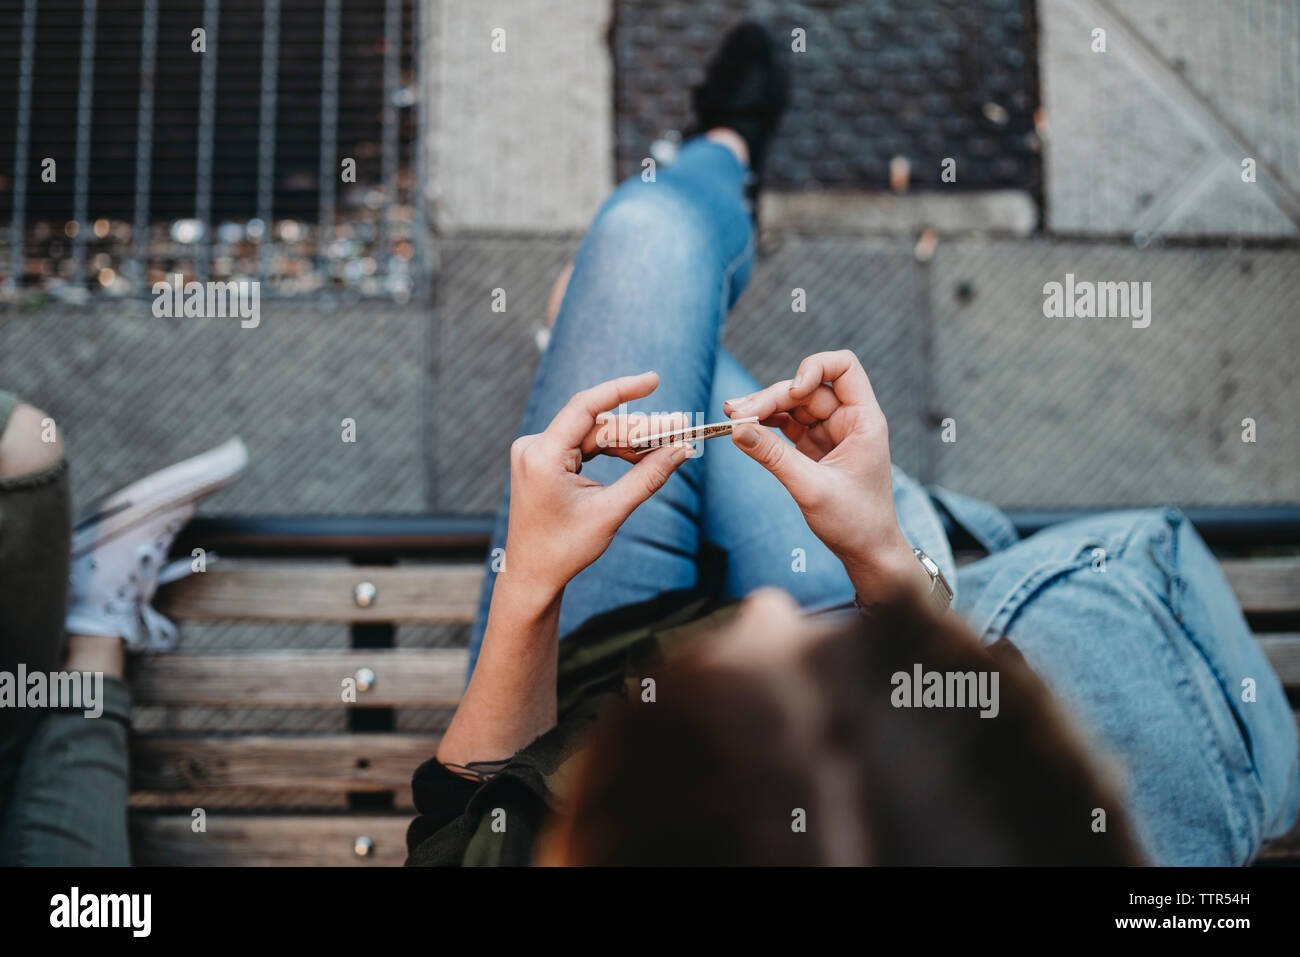 Junge Frau rolling Zigarette auf der Bank sitzen Stockfoto